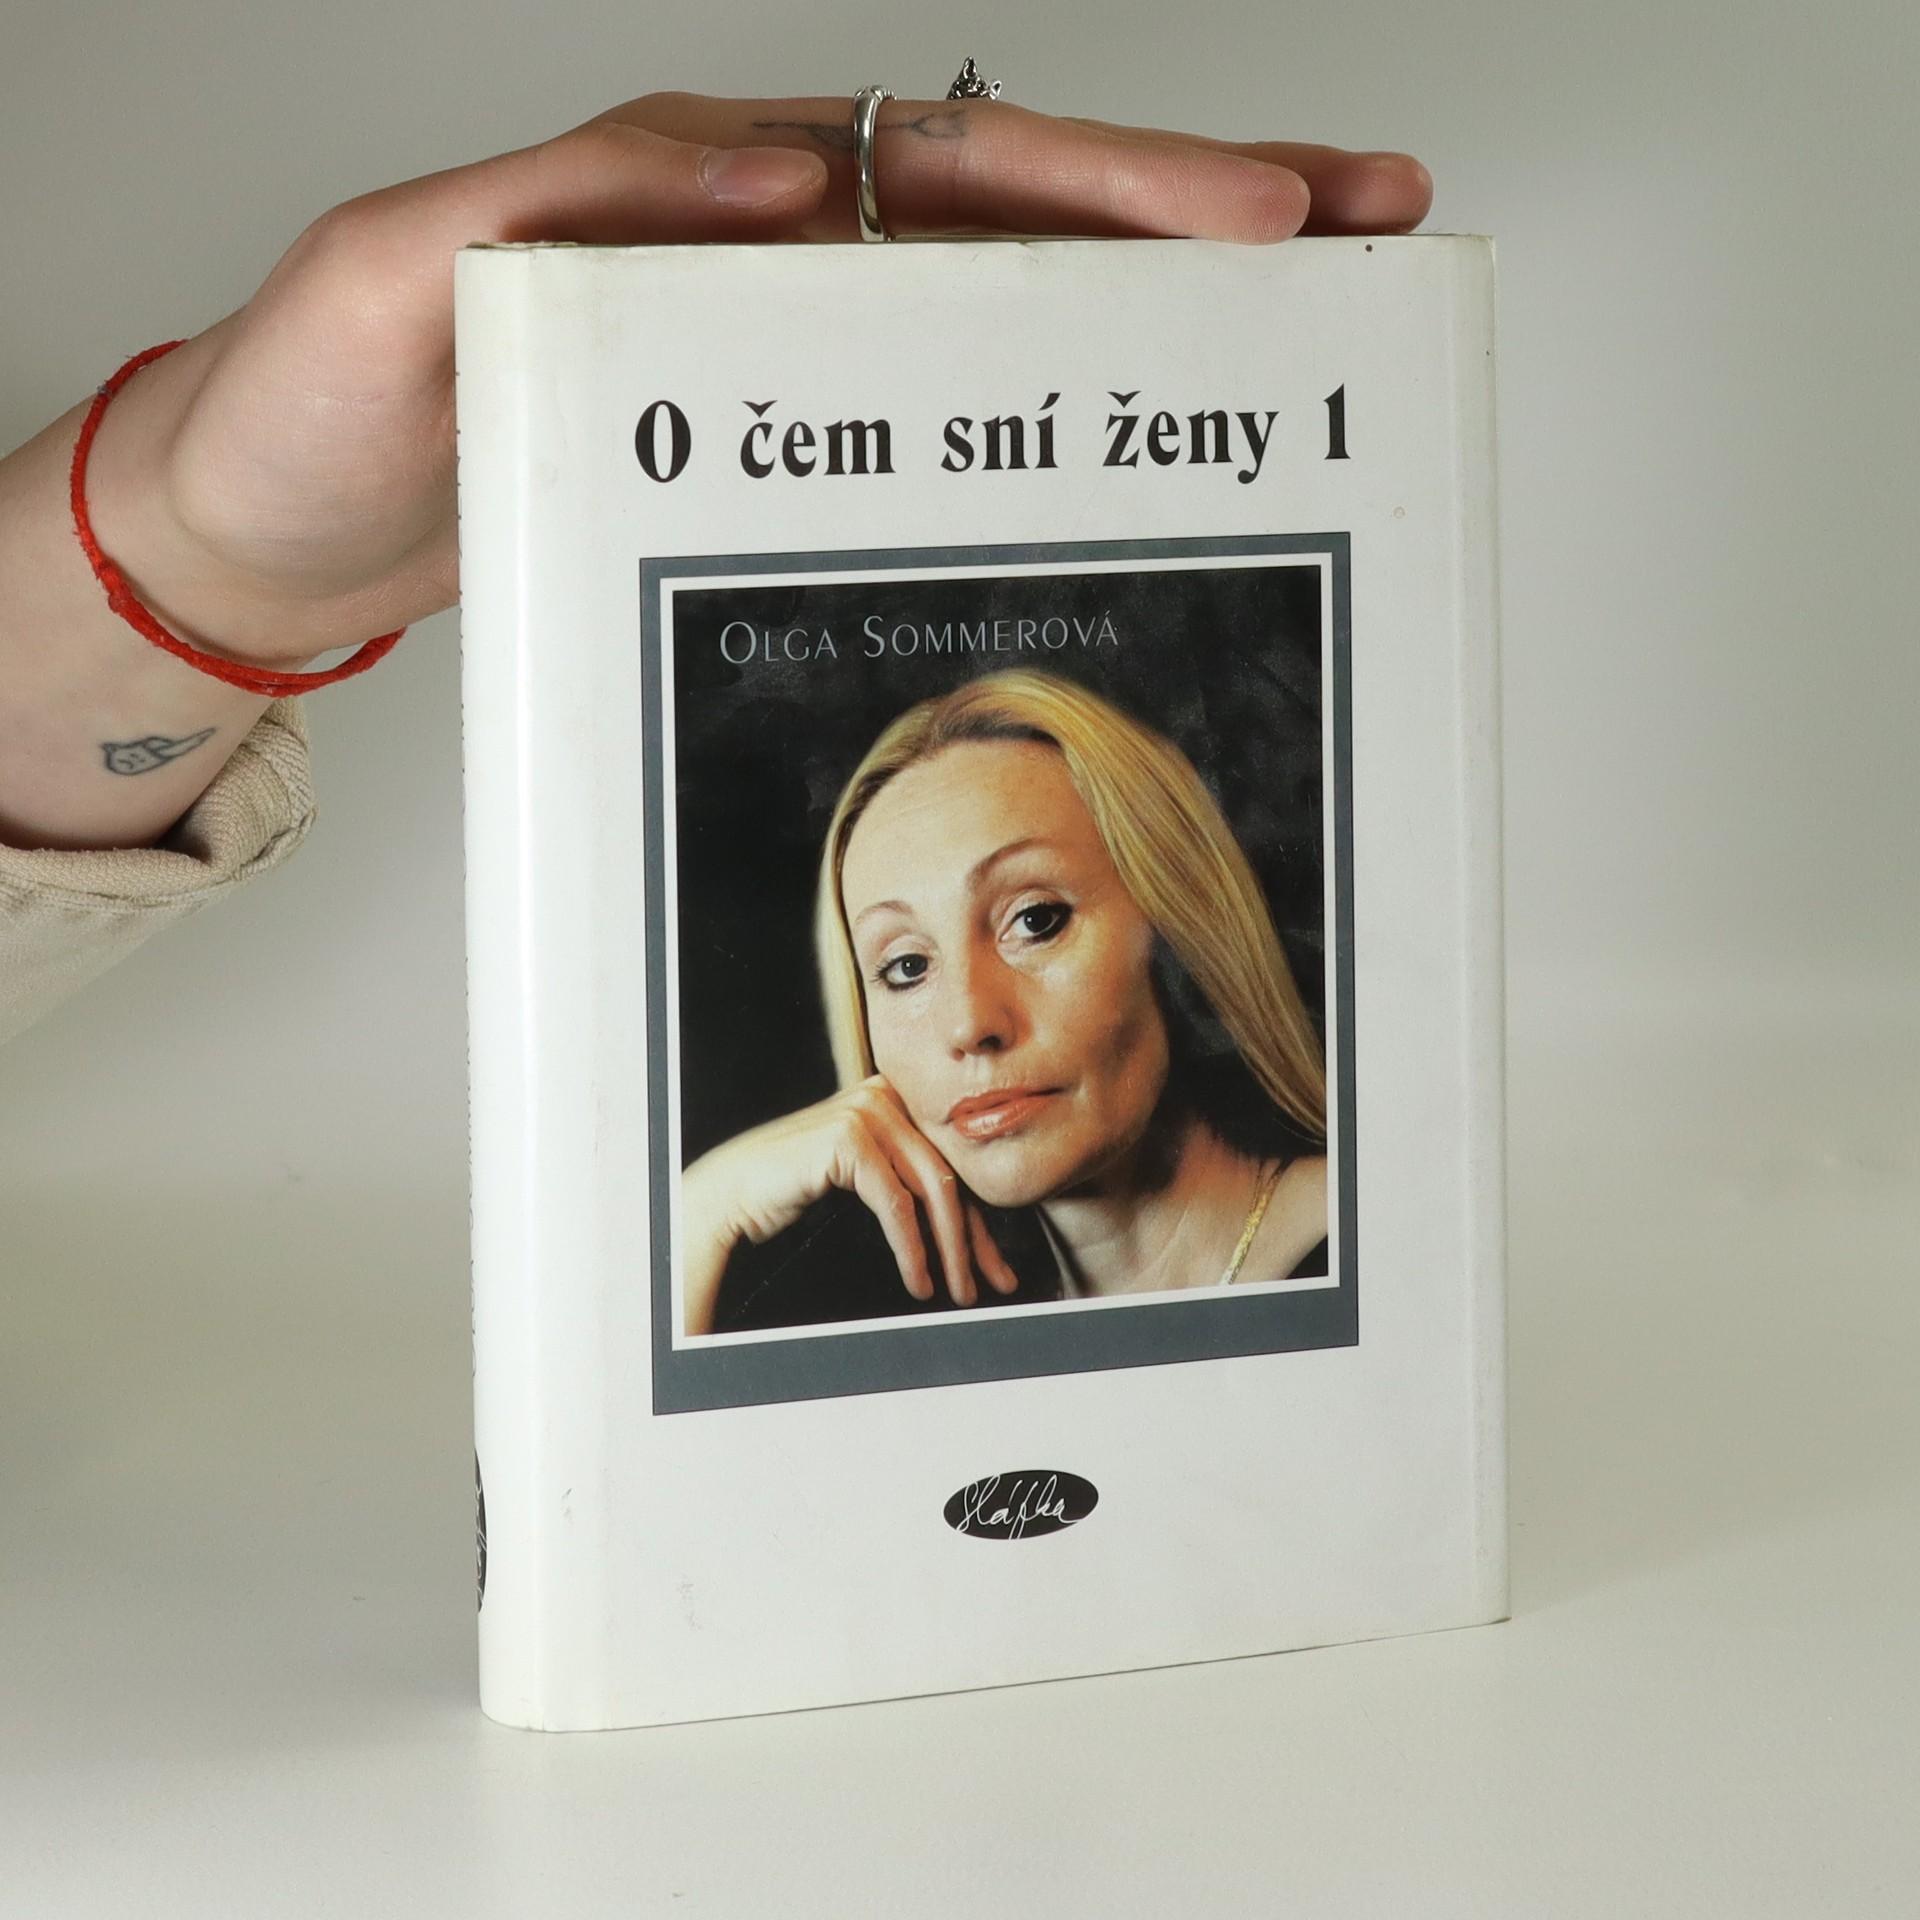 antikvární kniha O čem sní ženy 1, neuveden